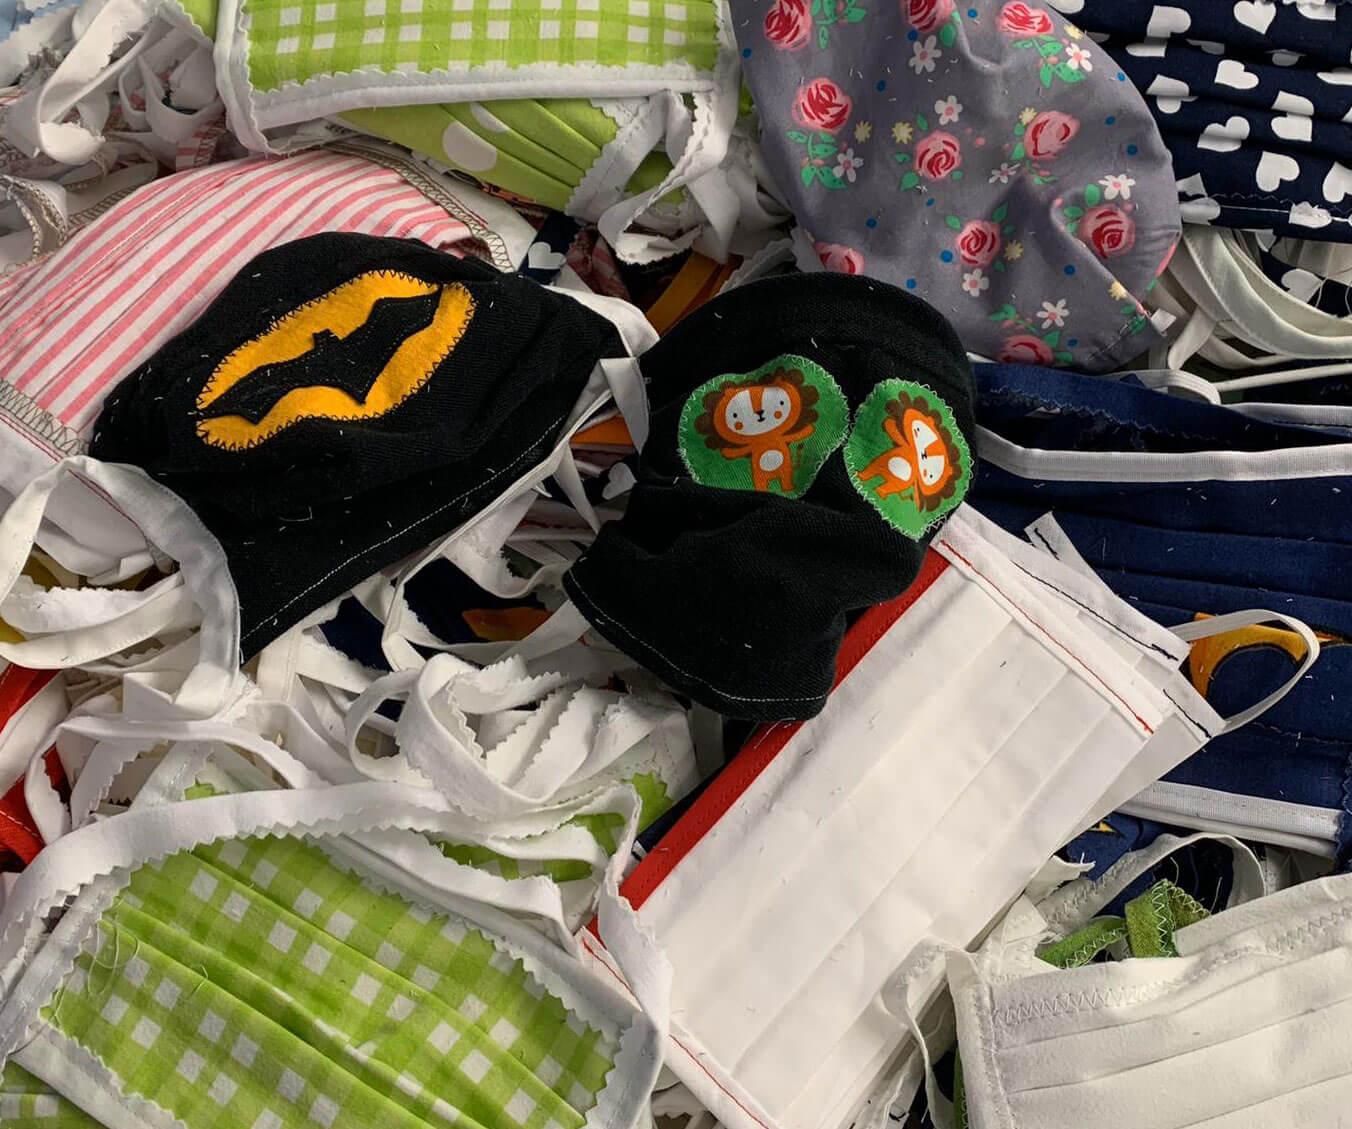 Große Spendenaktion: selbstgenähte Schutz-Masken für das AKH-Viersen